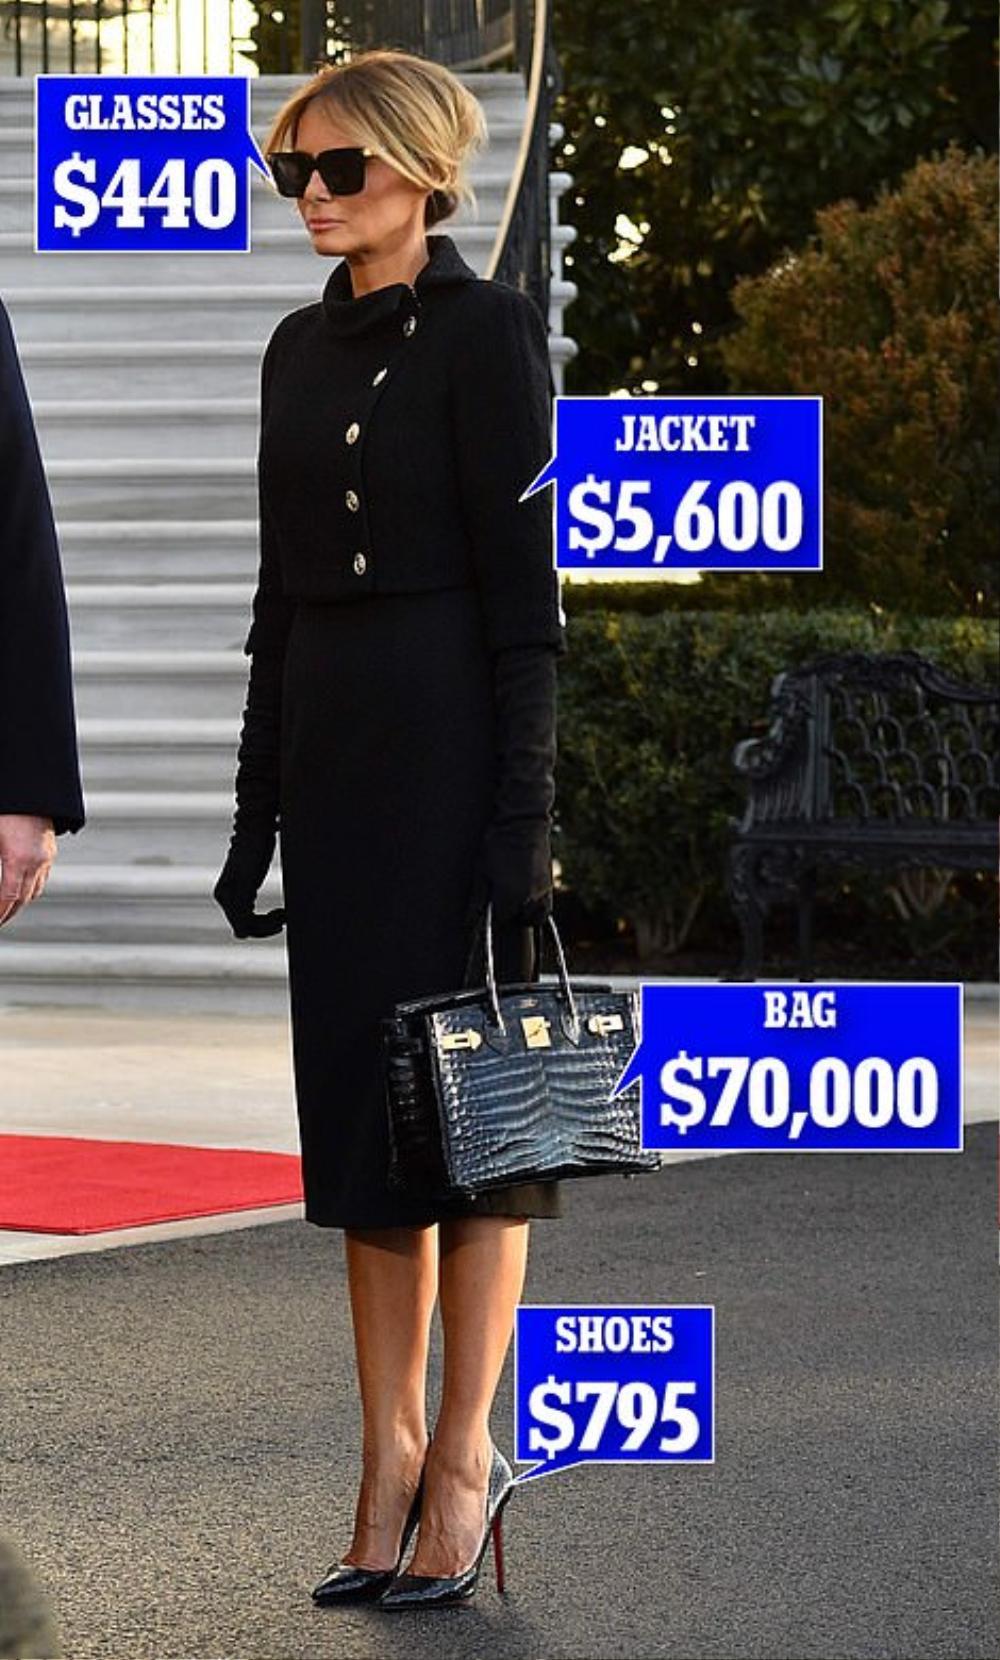 Tân Đệ nhất phu nhân Mỹ Jill Biden và Melania Trump 'so kè' trang phục cực gắt tại lễ nhậm chức Ảnh 10